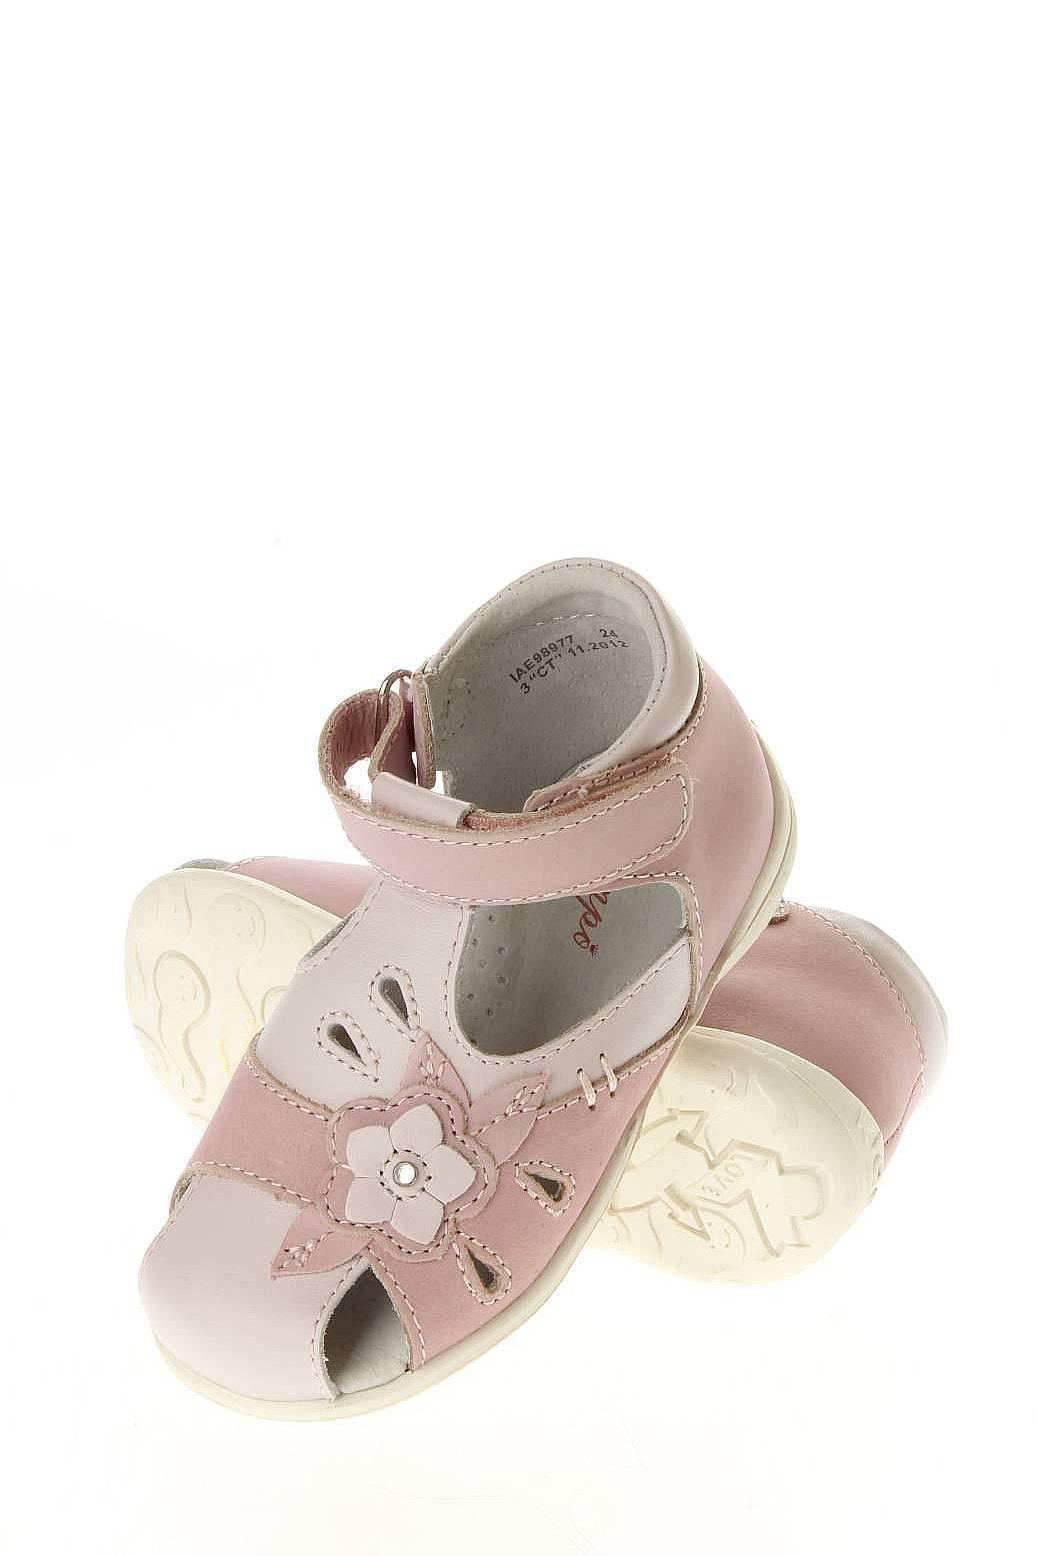 Мужская Обувь Детская Обувь Сандалии: El Tempo Обувь